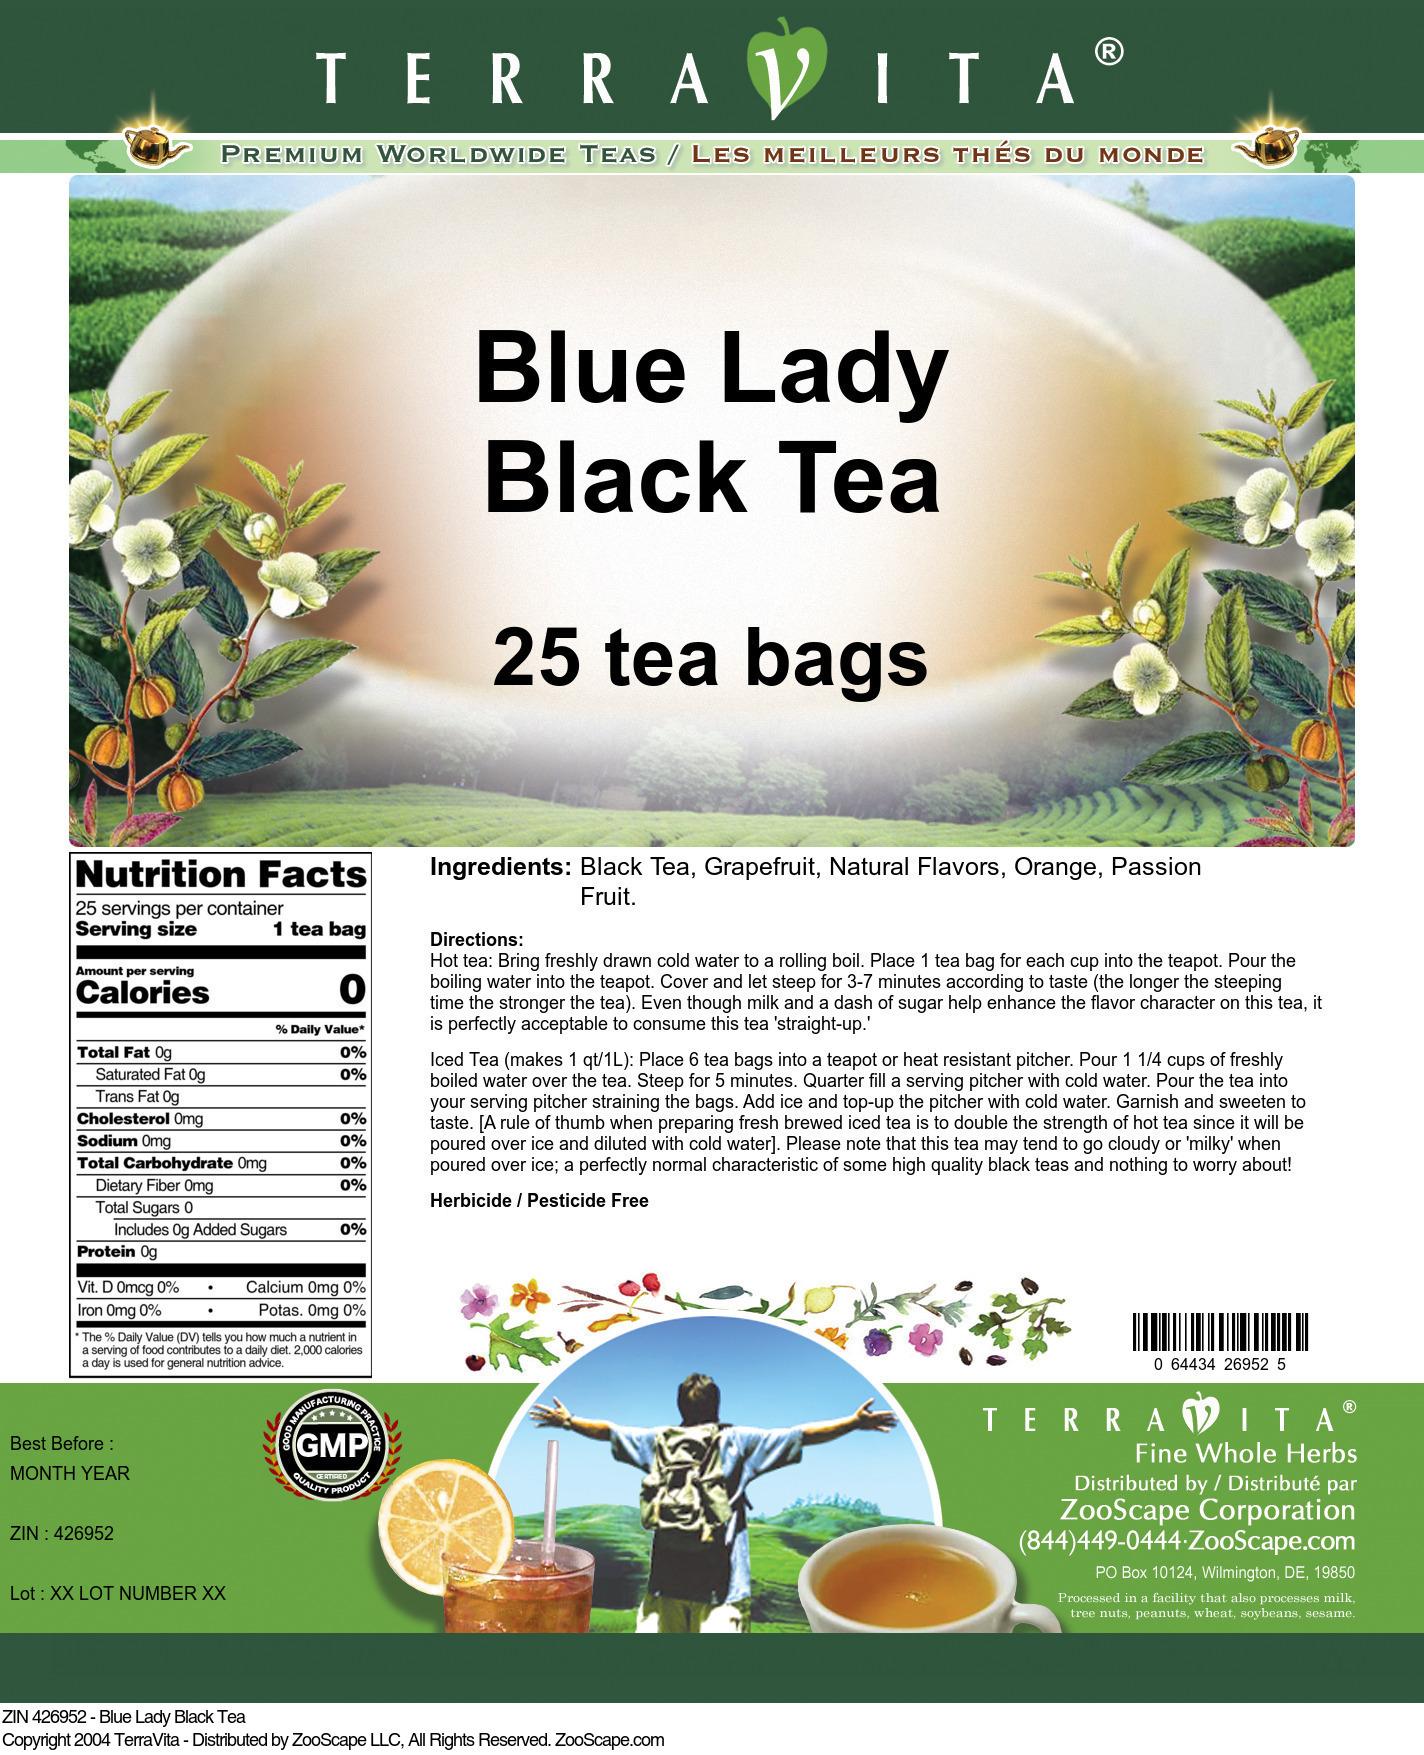 Blue Lady Black Tea